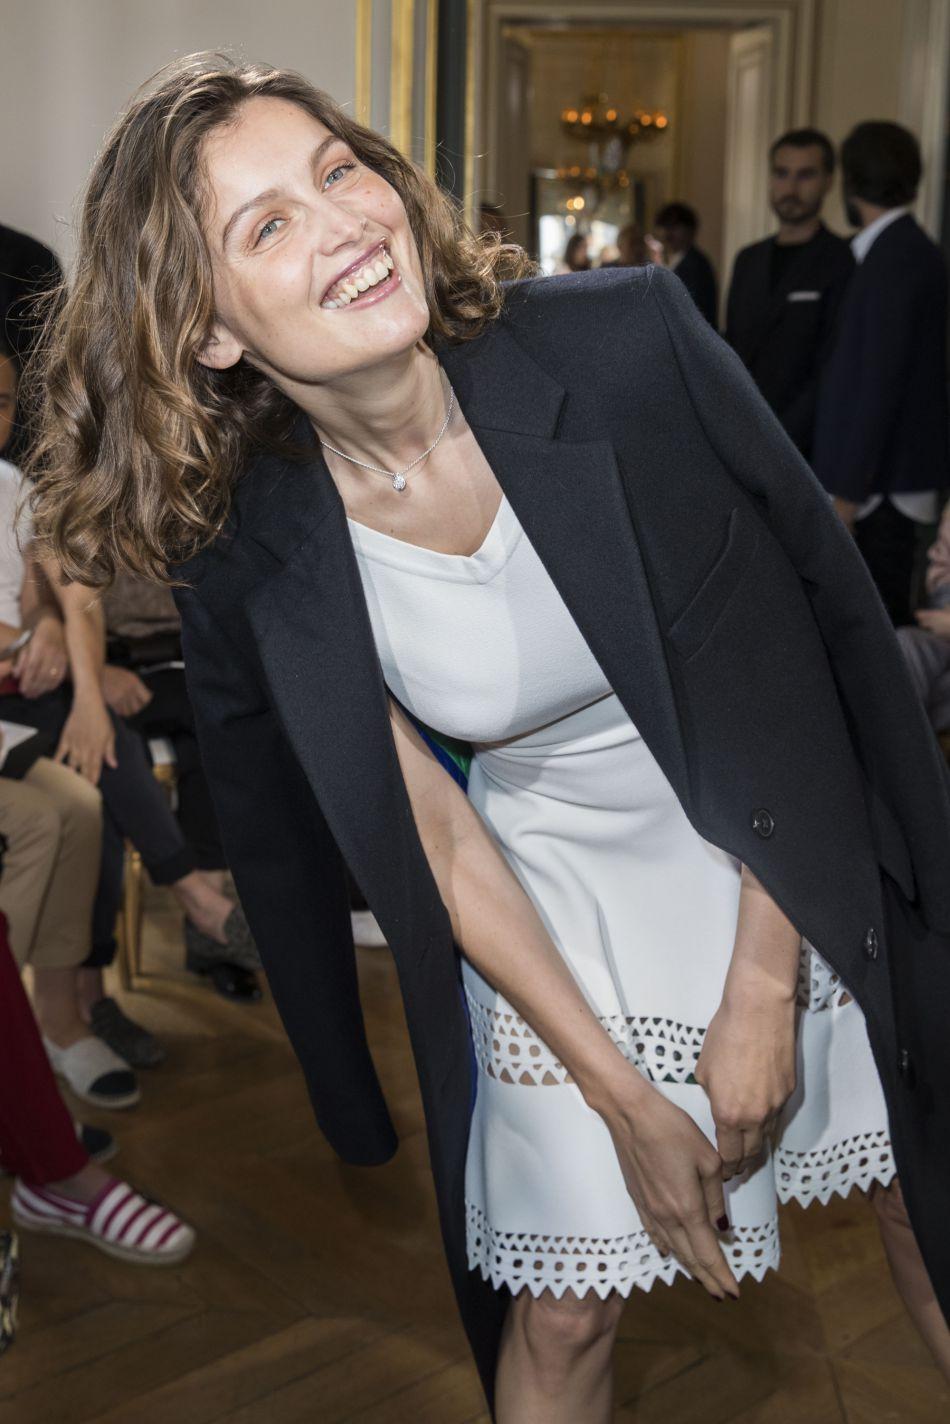 Le défilé Boucheron a fait le plein de stars, avec des front rows cinq étoiles. Laetitia Casta a fait sensation en blanc et noir.